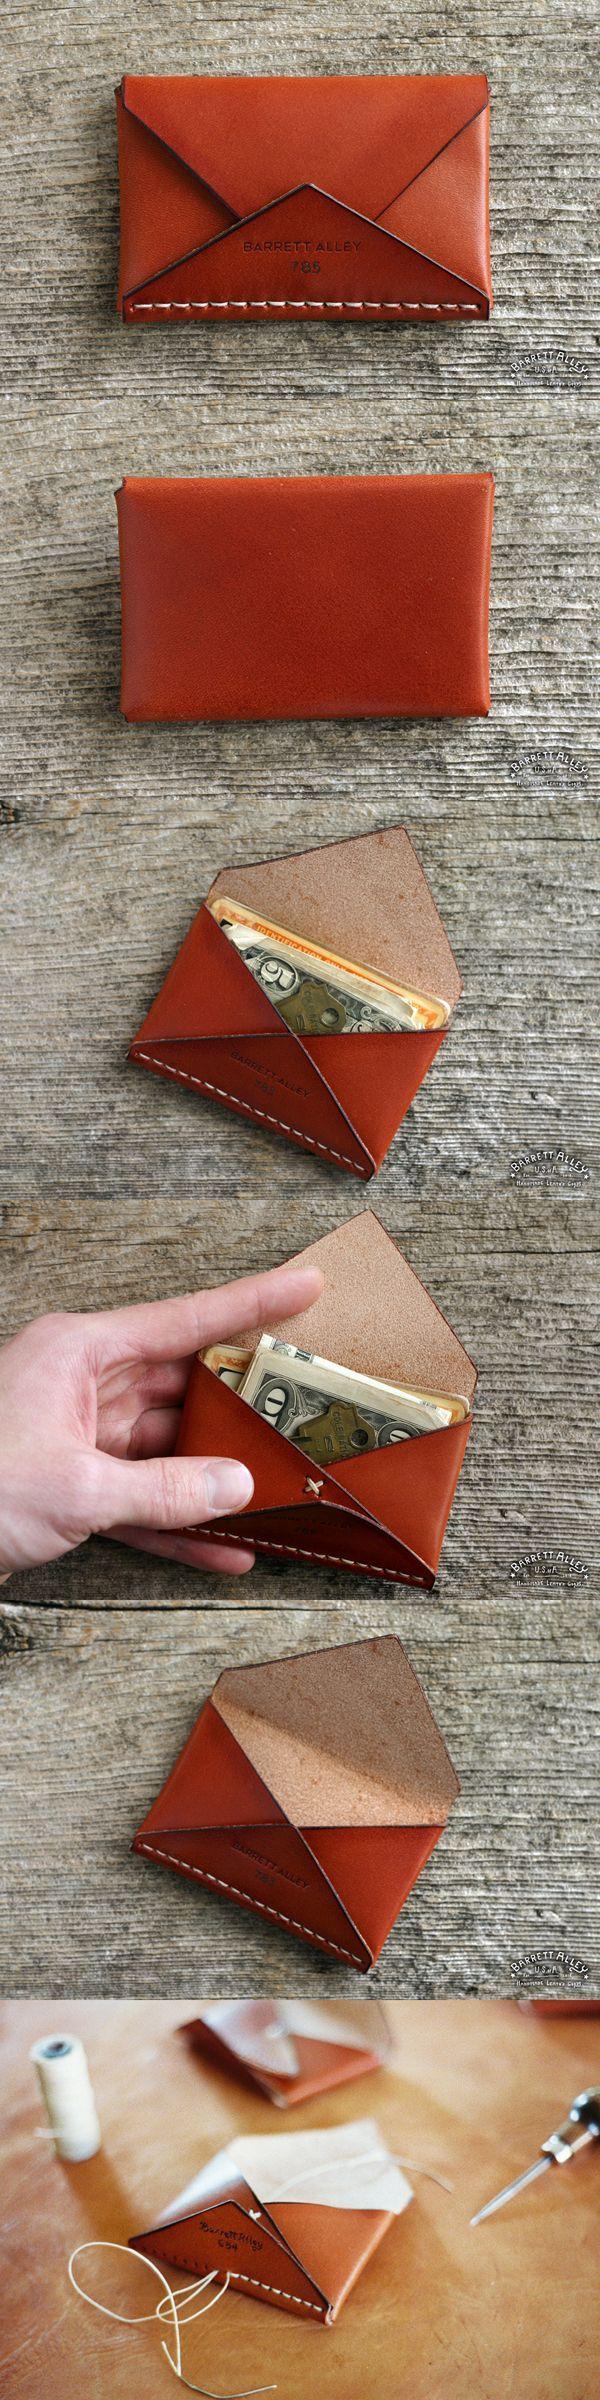 Pin von Vivian Law auf Leather | Pinterest | Leder, Kreativ und Neuer